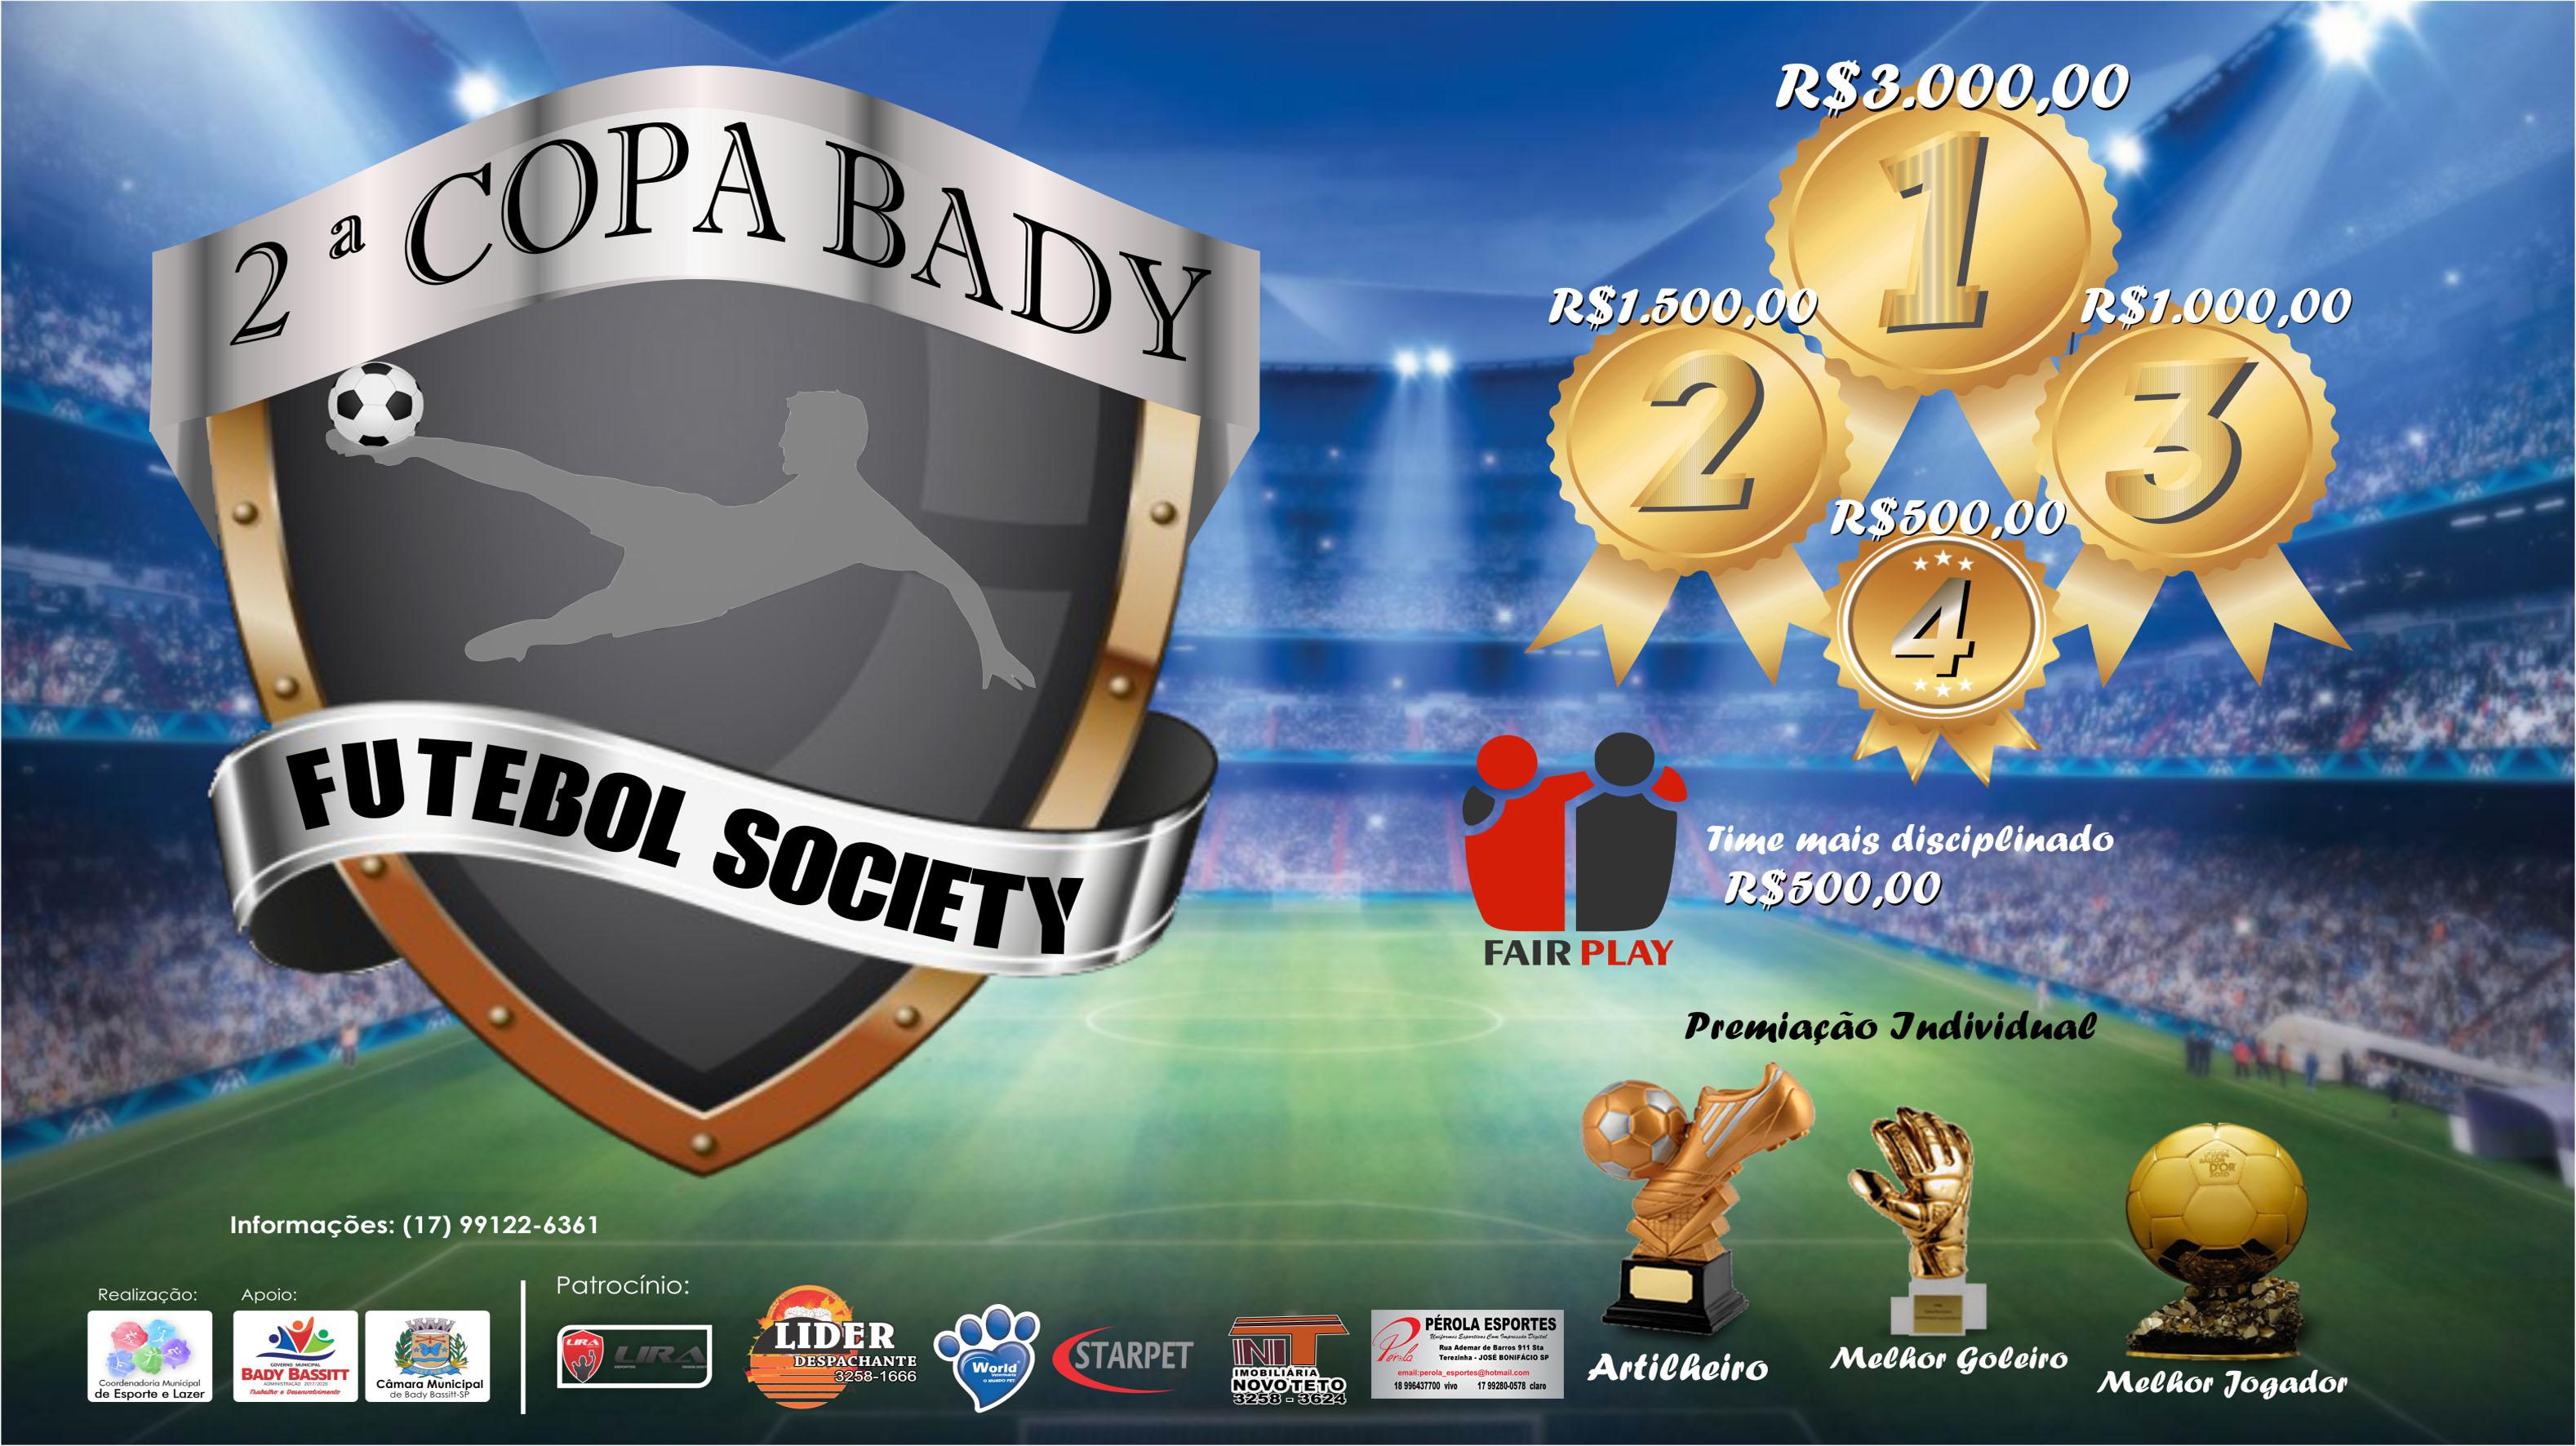 Copa Bady de Futebol Society 2017